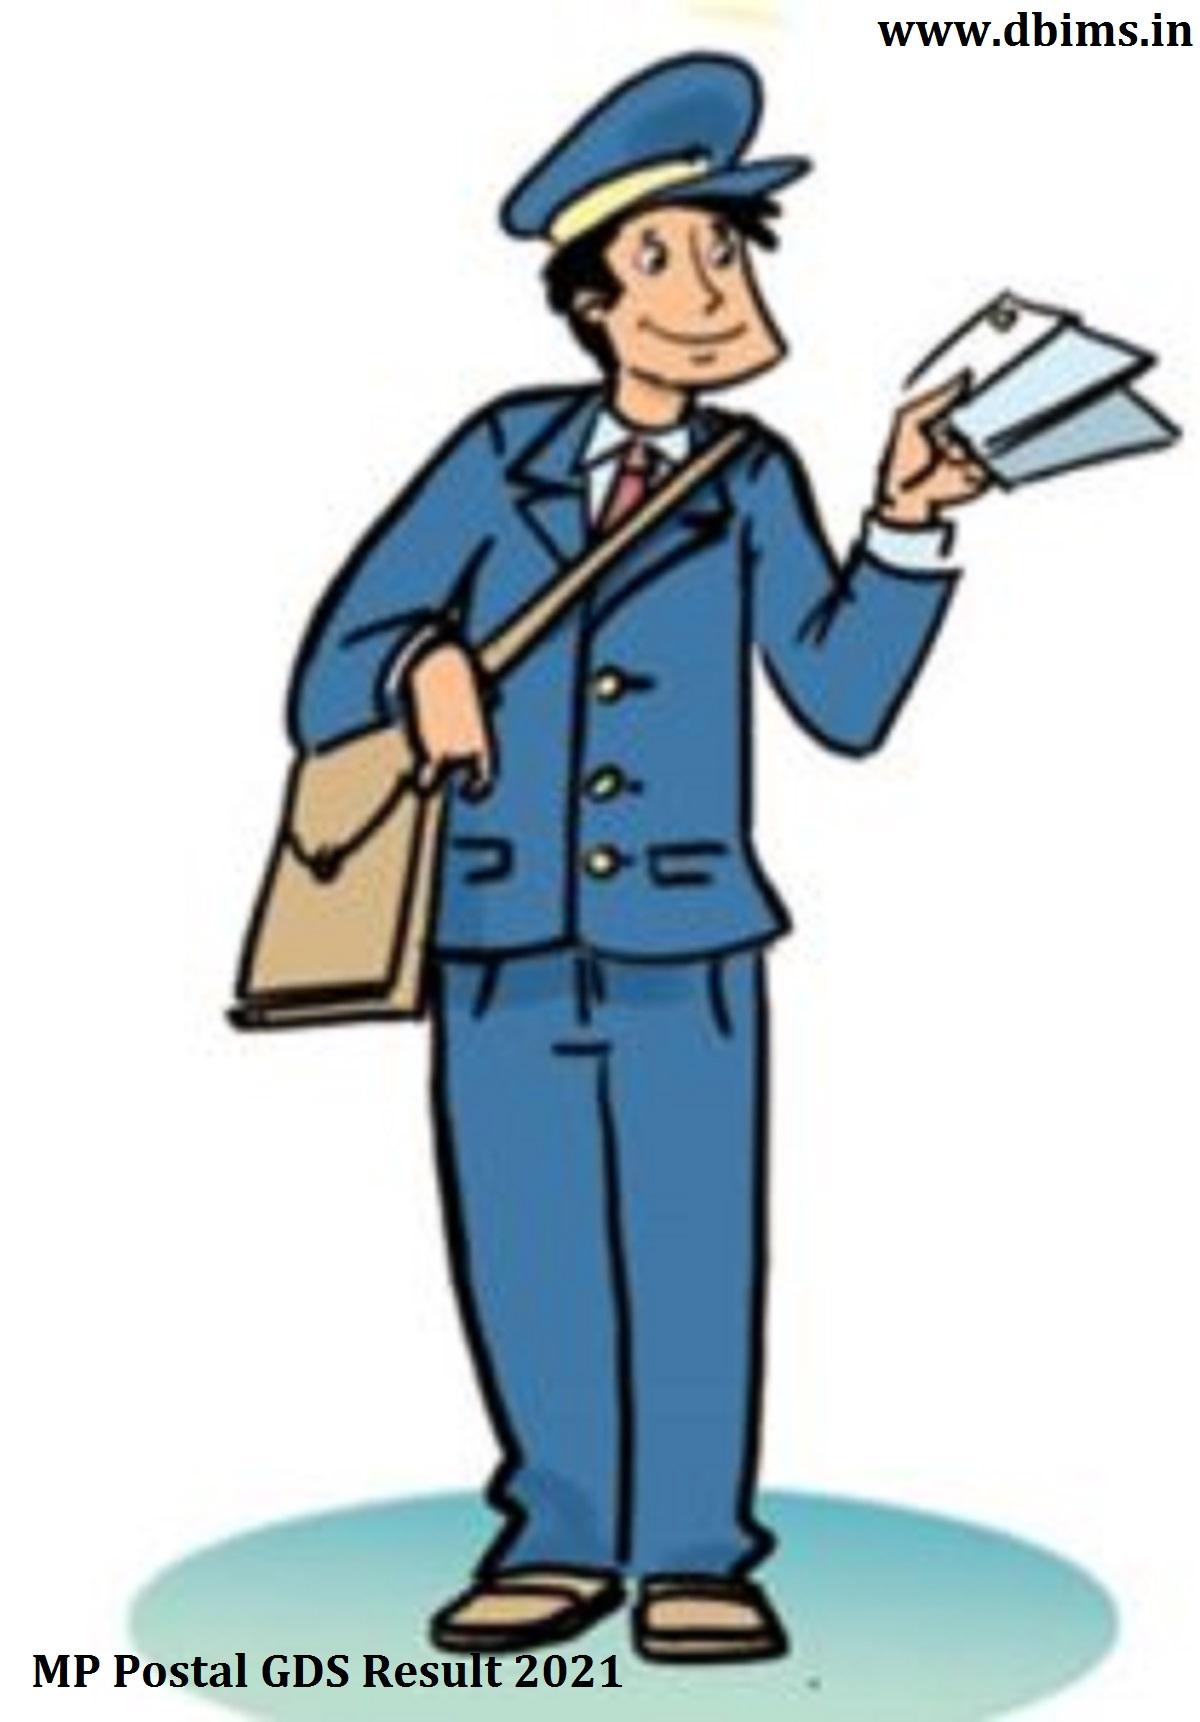 MP Postal GDS Result 2021